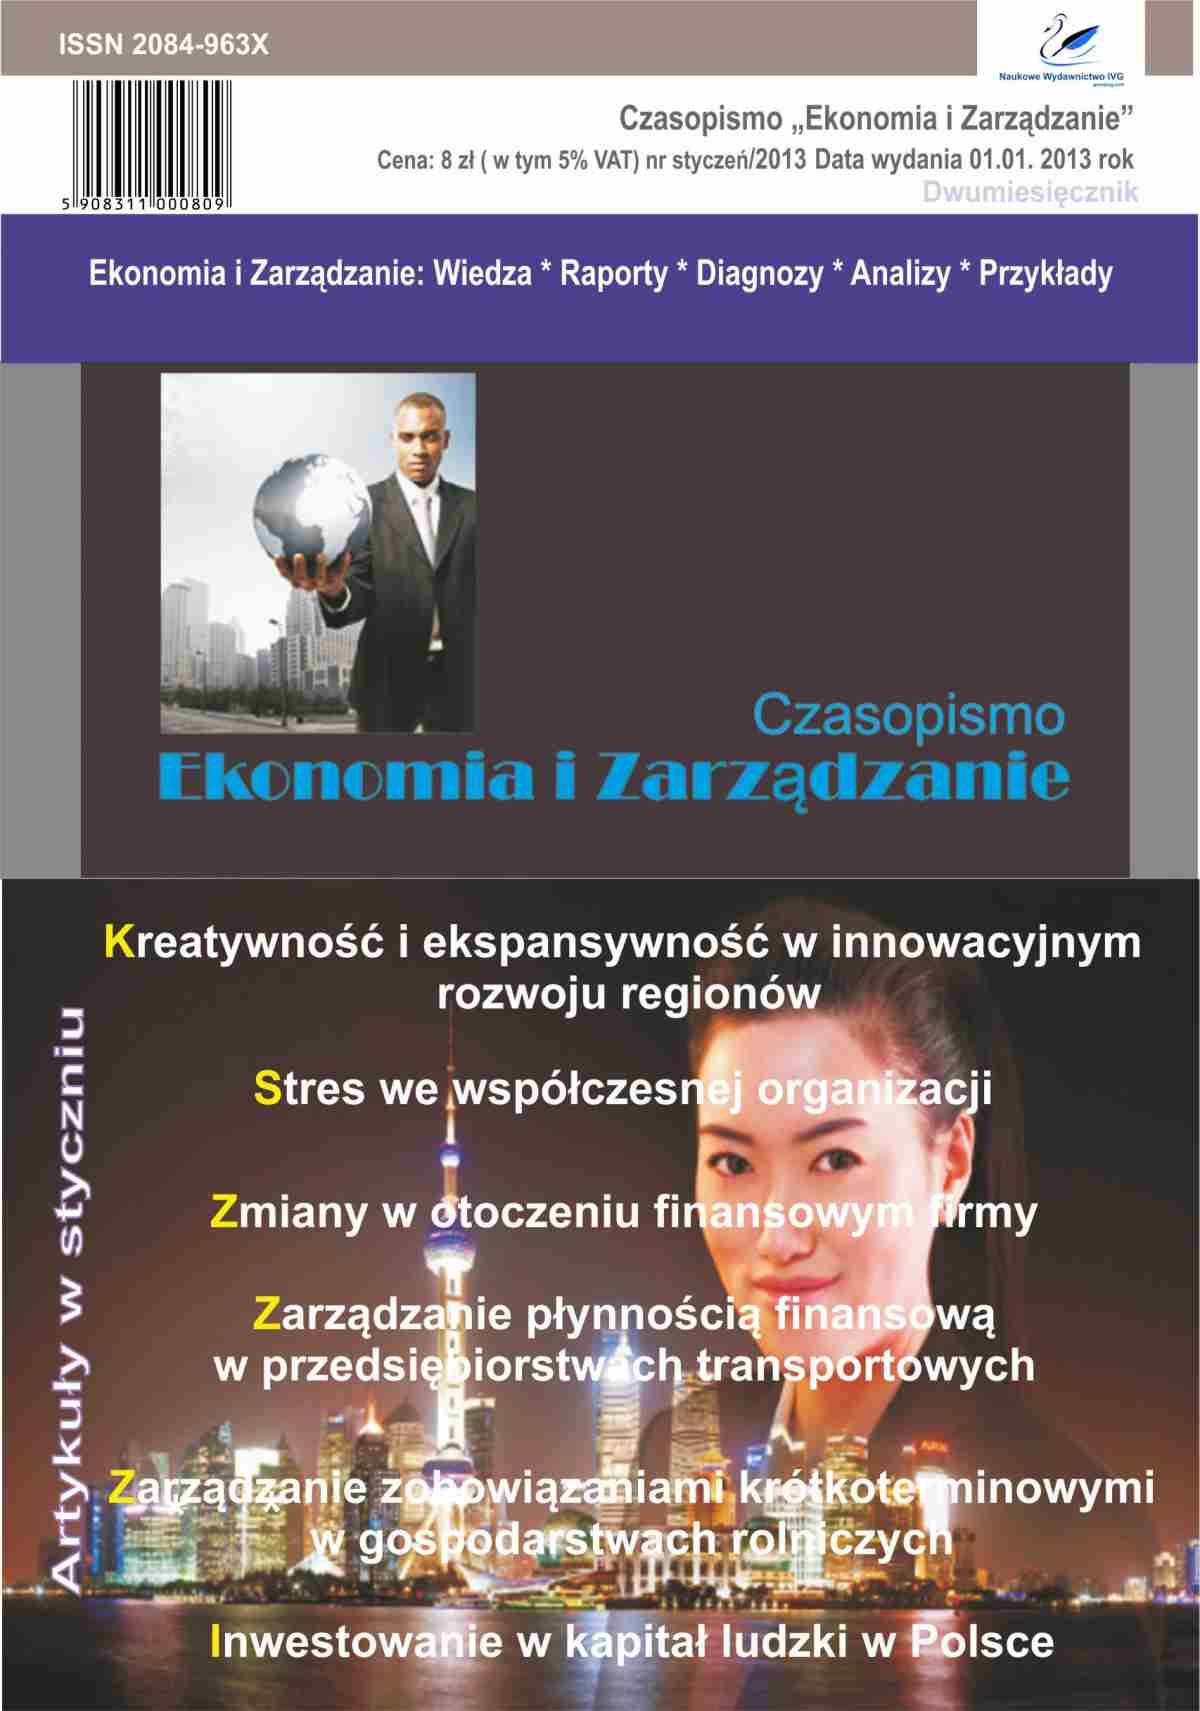 Czasopismo Ekonomia i Zarządzanie nr 1 sty 2013 - Ebook (Książka PDF) do pobrania w formacie PDF